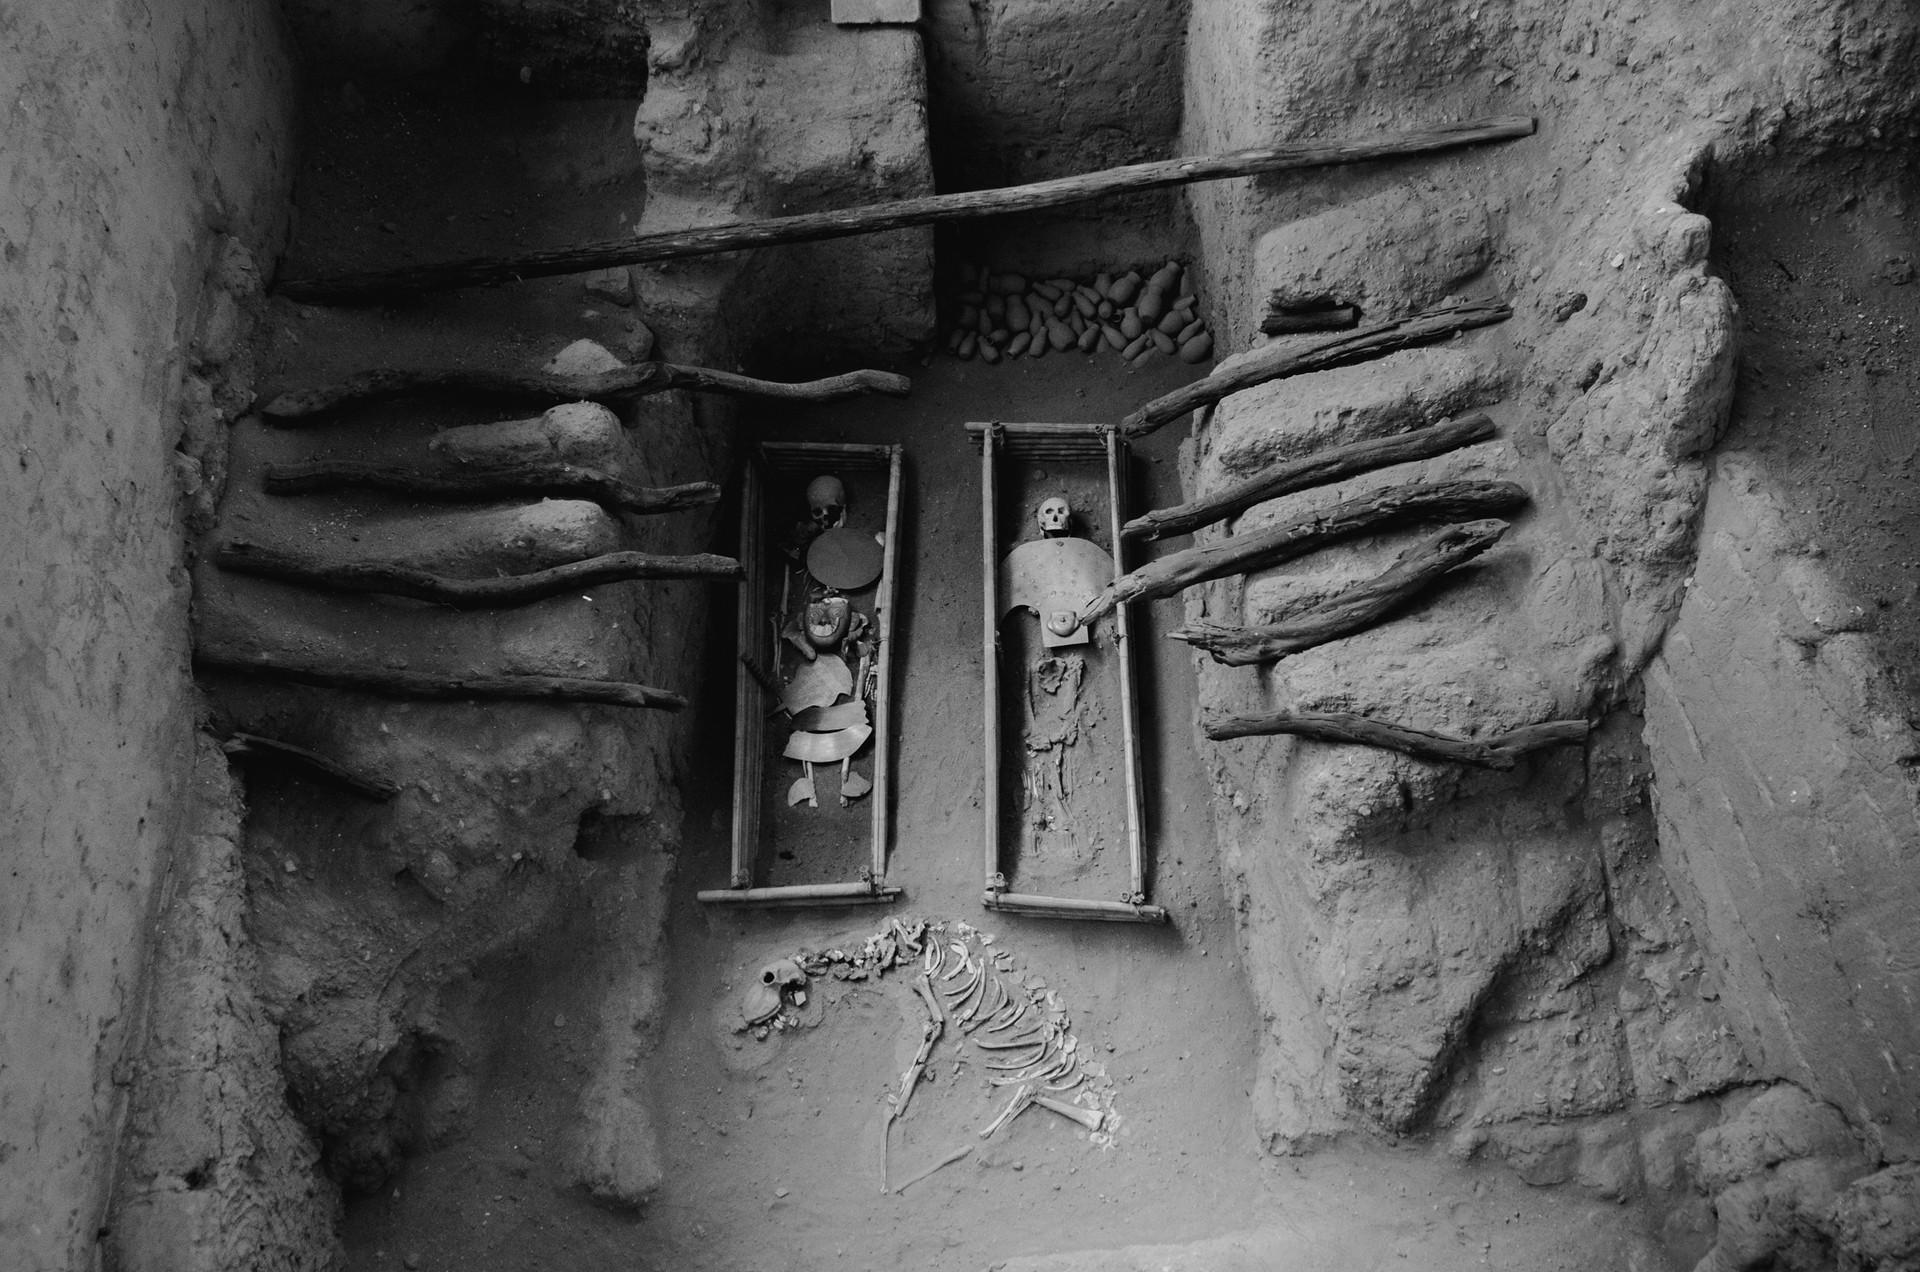 Tumbas de Sipán, Cultura Moche, Perú.